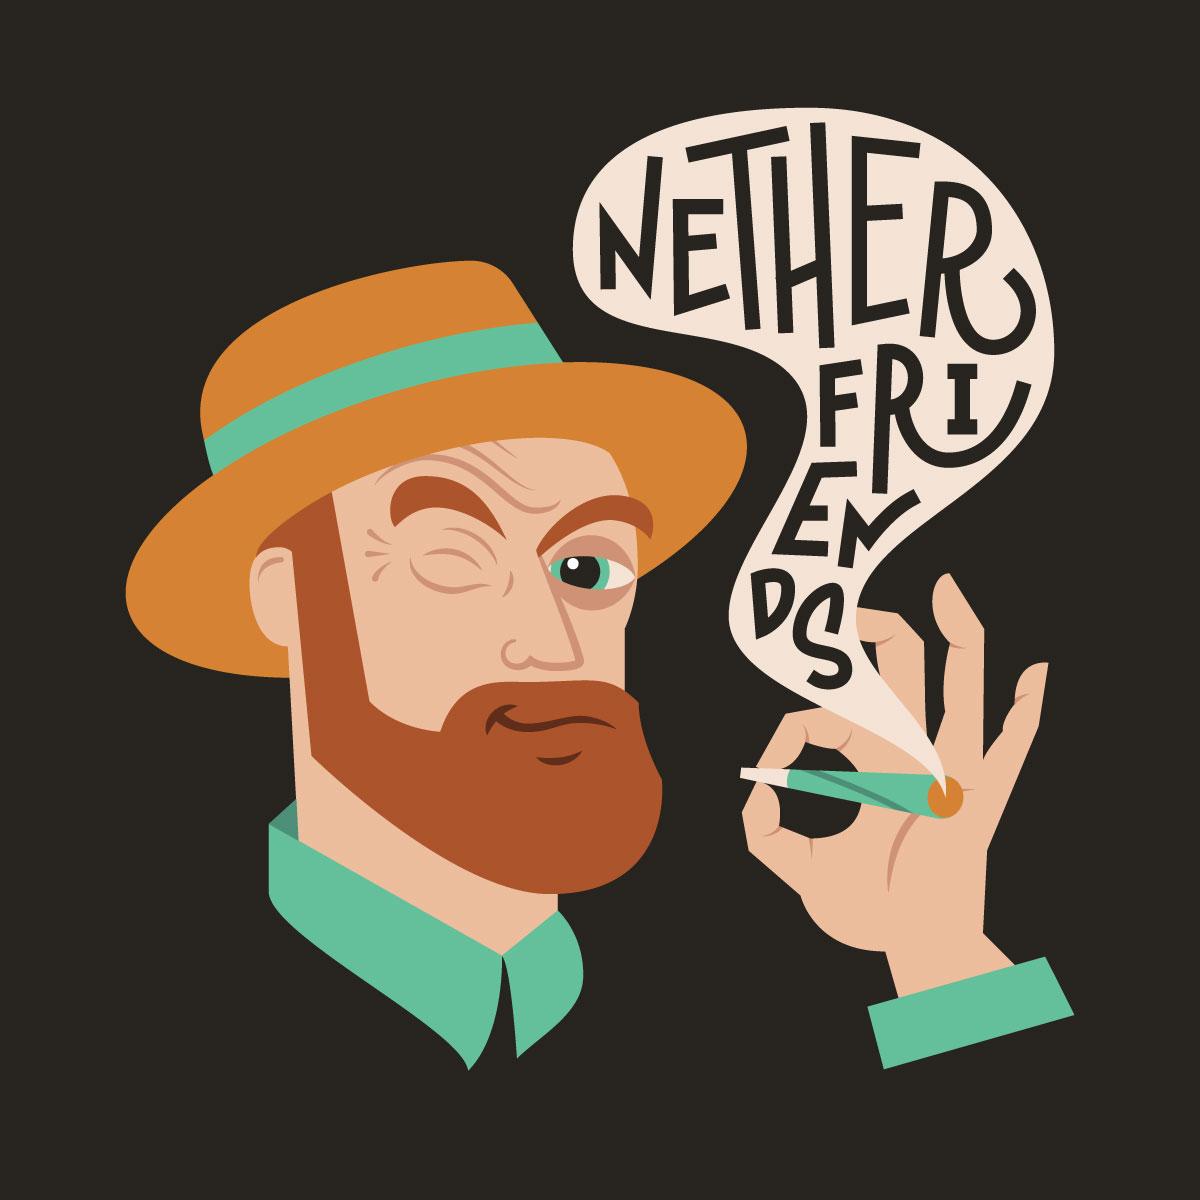 netherfriends-illustration-no-pattern